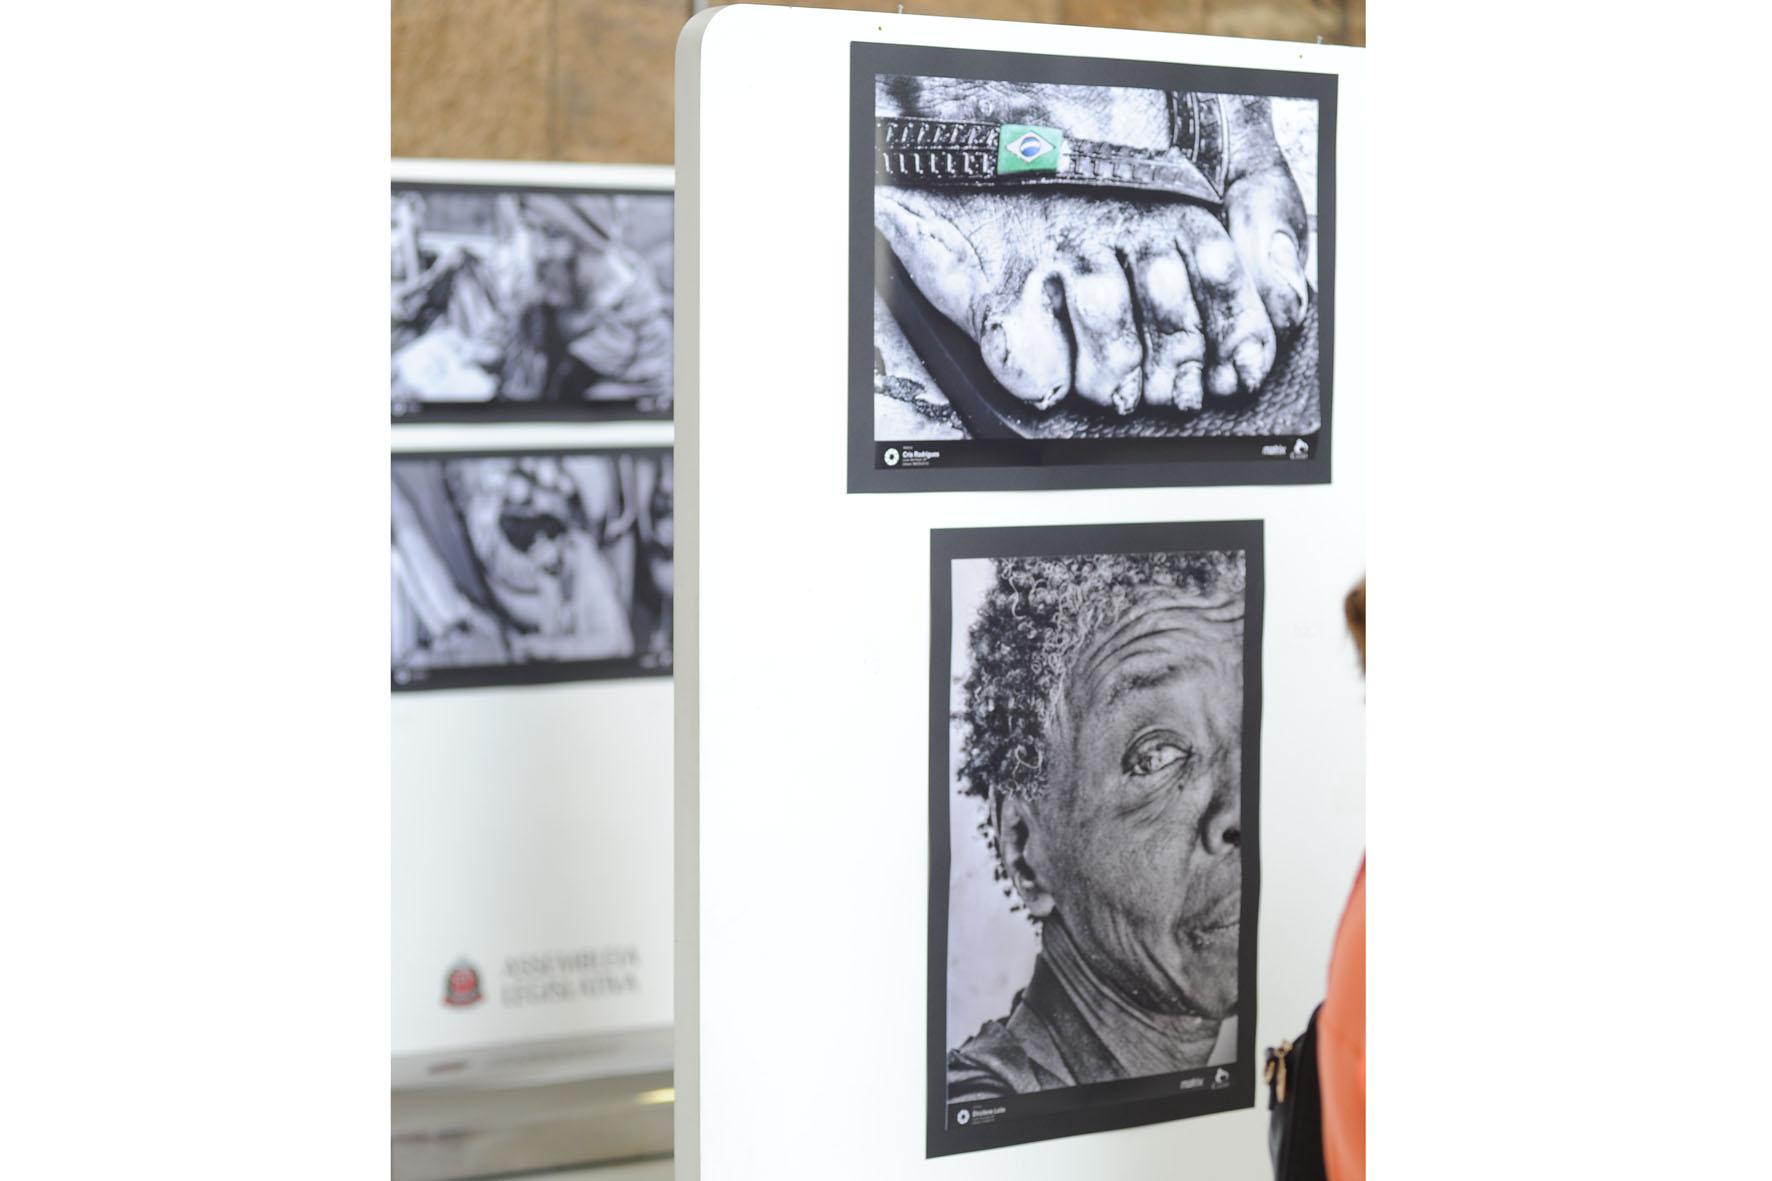 Exposição &quot;São Paulo Mostra sua Cara! O verdadeiro retrato das pessoas em situação de rua de SP&quot;<a style='float:right' href='https://www3.al.sp.gov.br/repositorio/noticia/N-12-2017/fg214390.jpg' target=_blank><img src='/_img/material-file-download-white.png' width='14px' alt='Clique para baixar a imagem'></a>